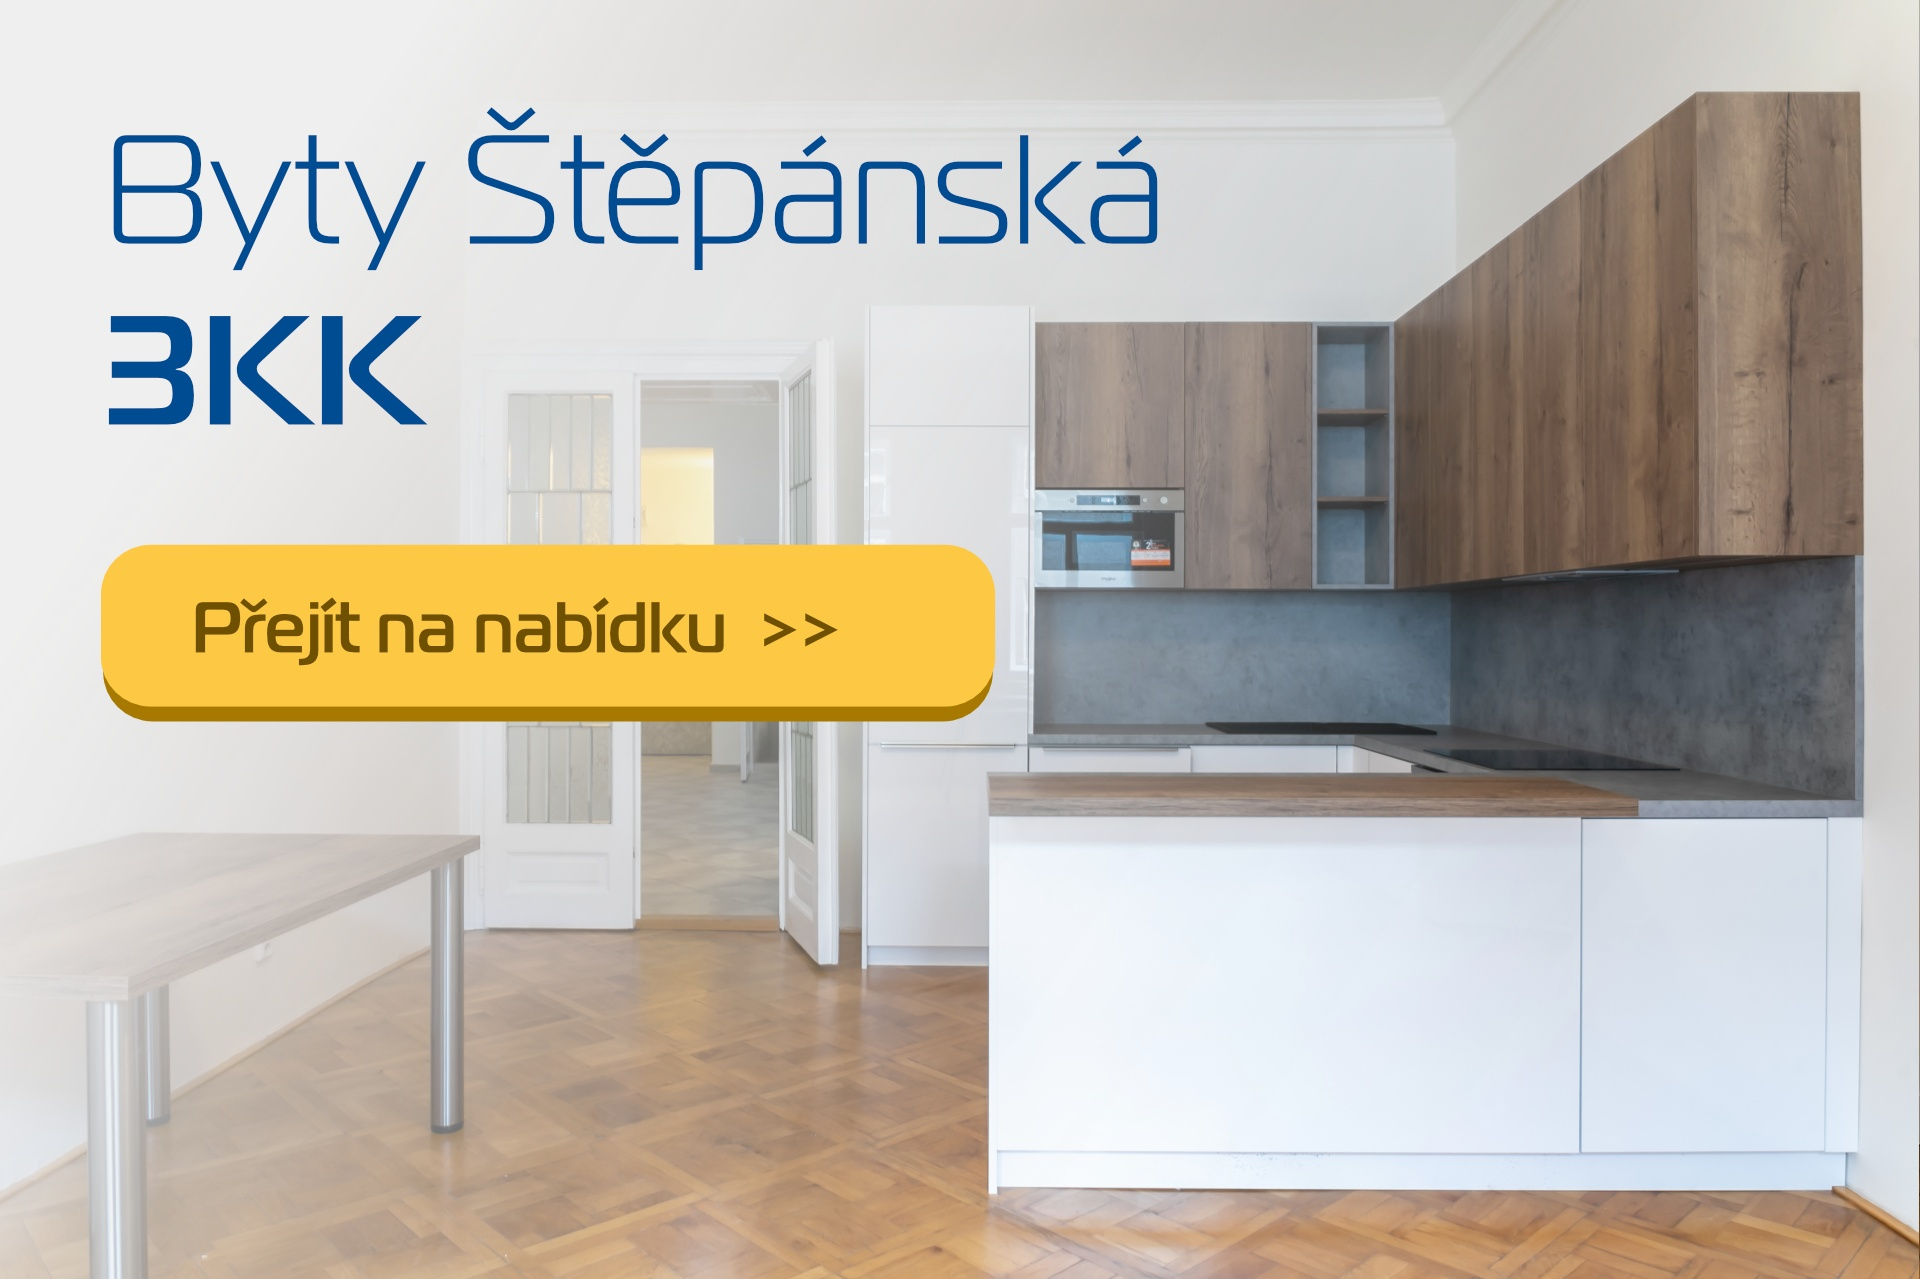 Stepanska_3KK_banner